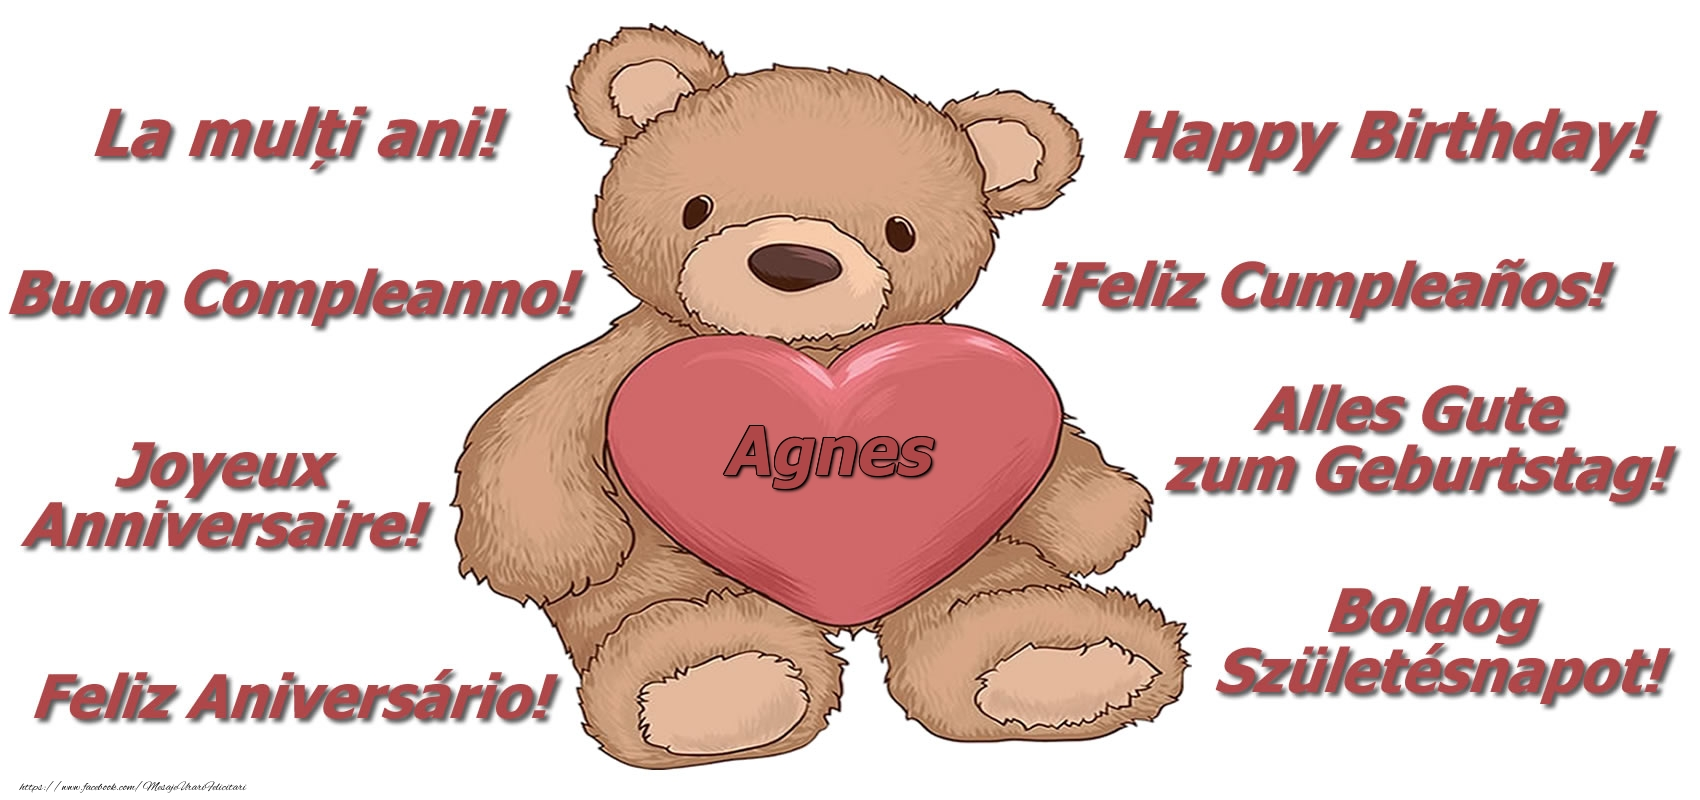 Felicitari de zi de nastere - La multi ani Agnes! - Ursulet